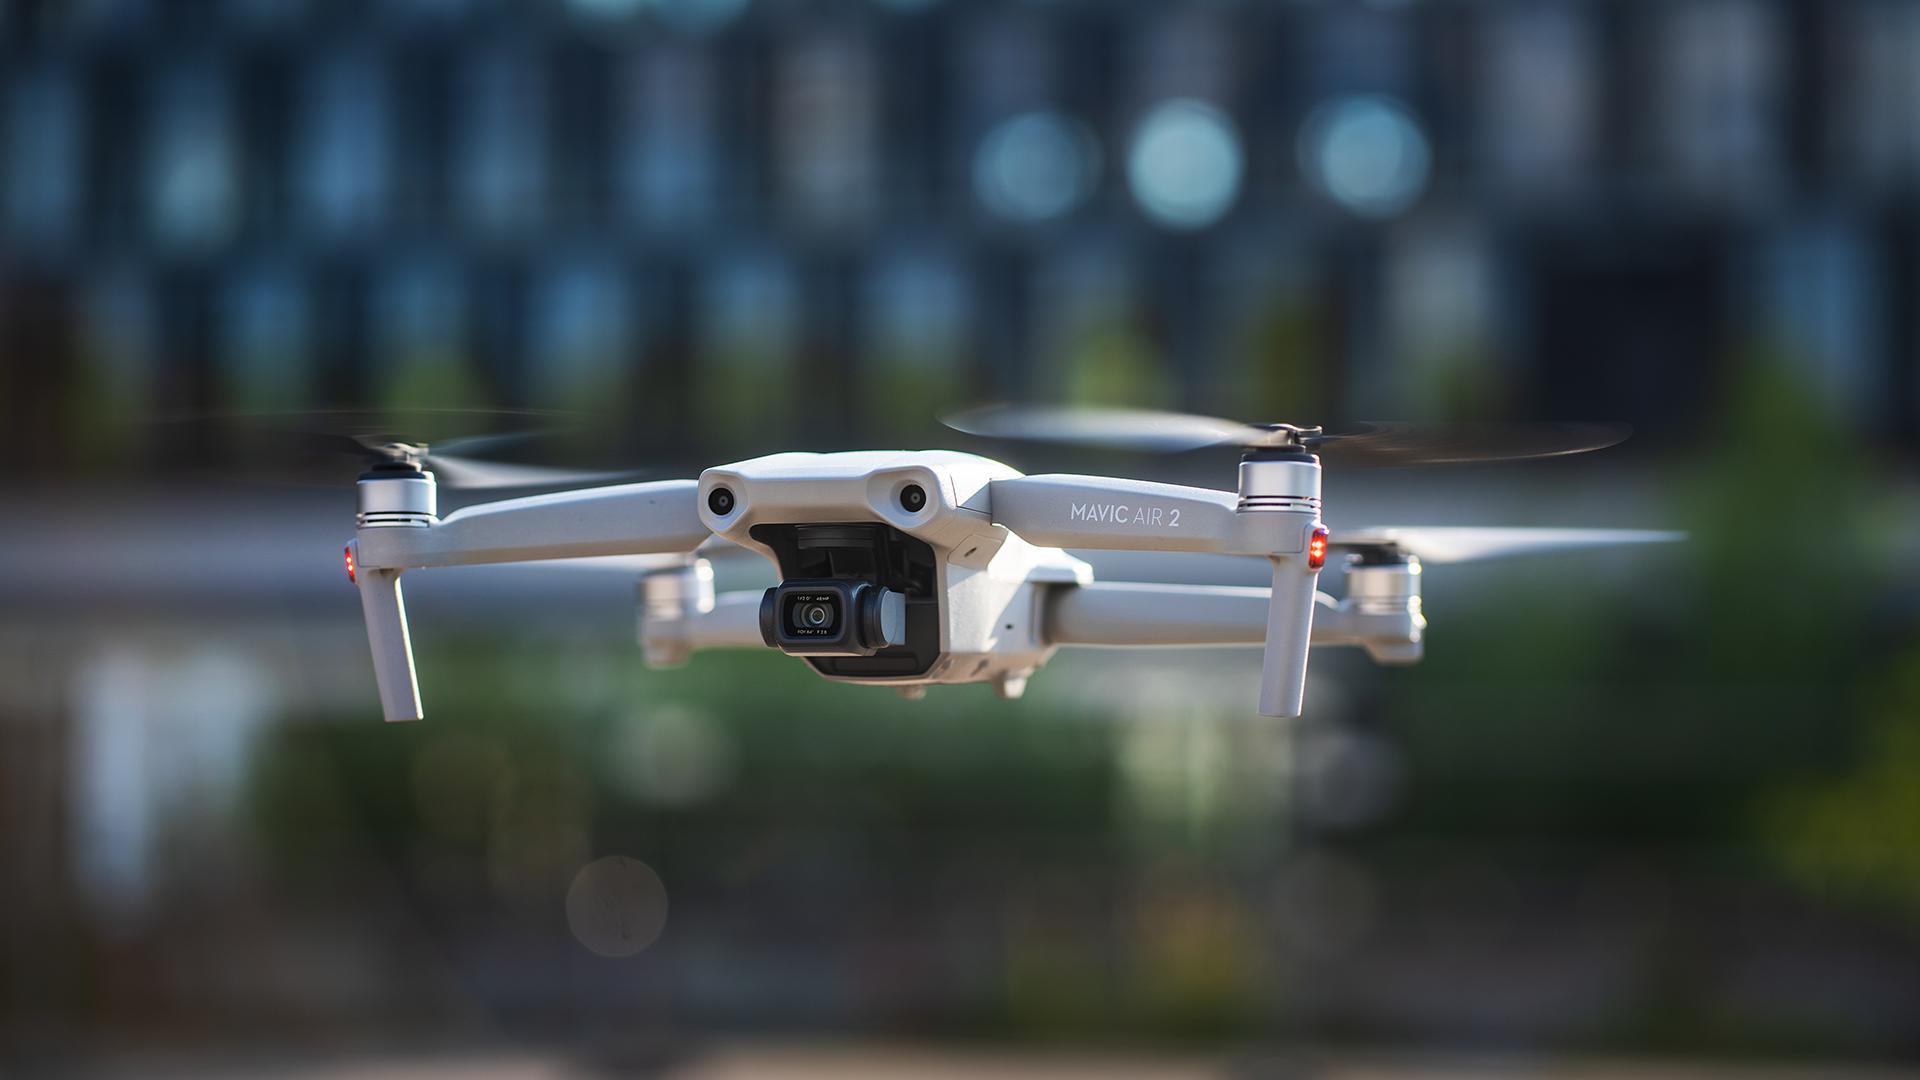 DJI-Mavic-Air-2-Camera-Drone